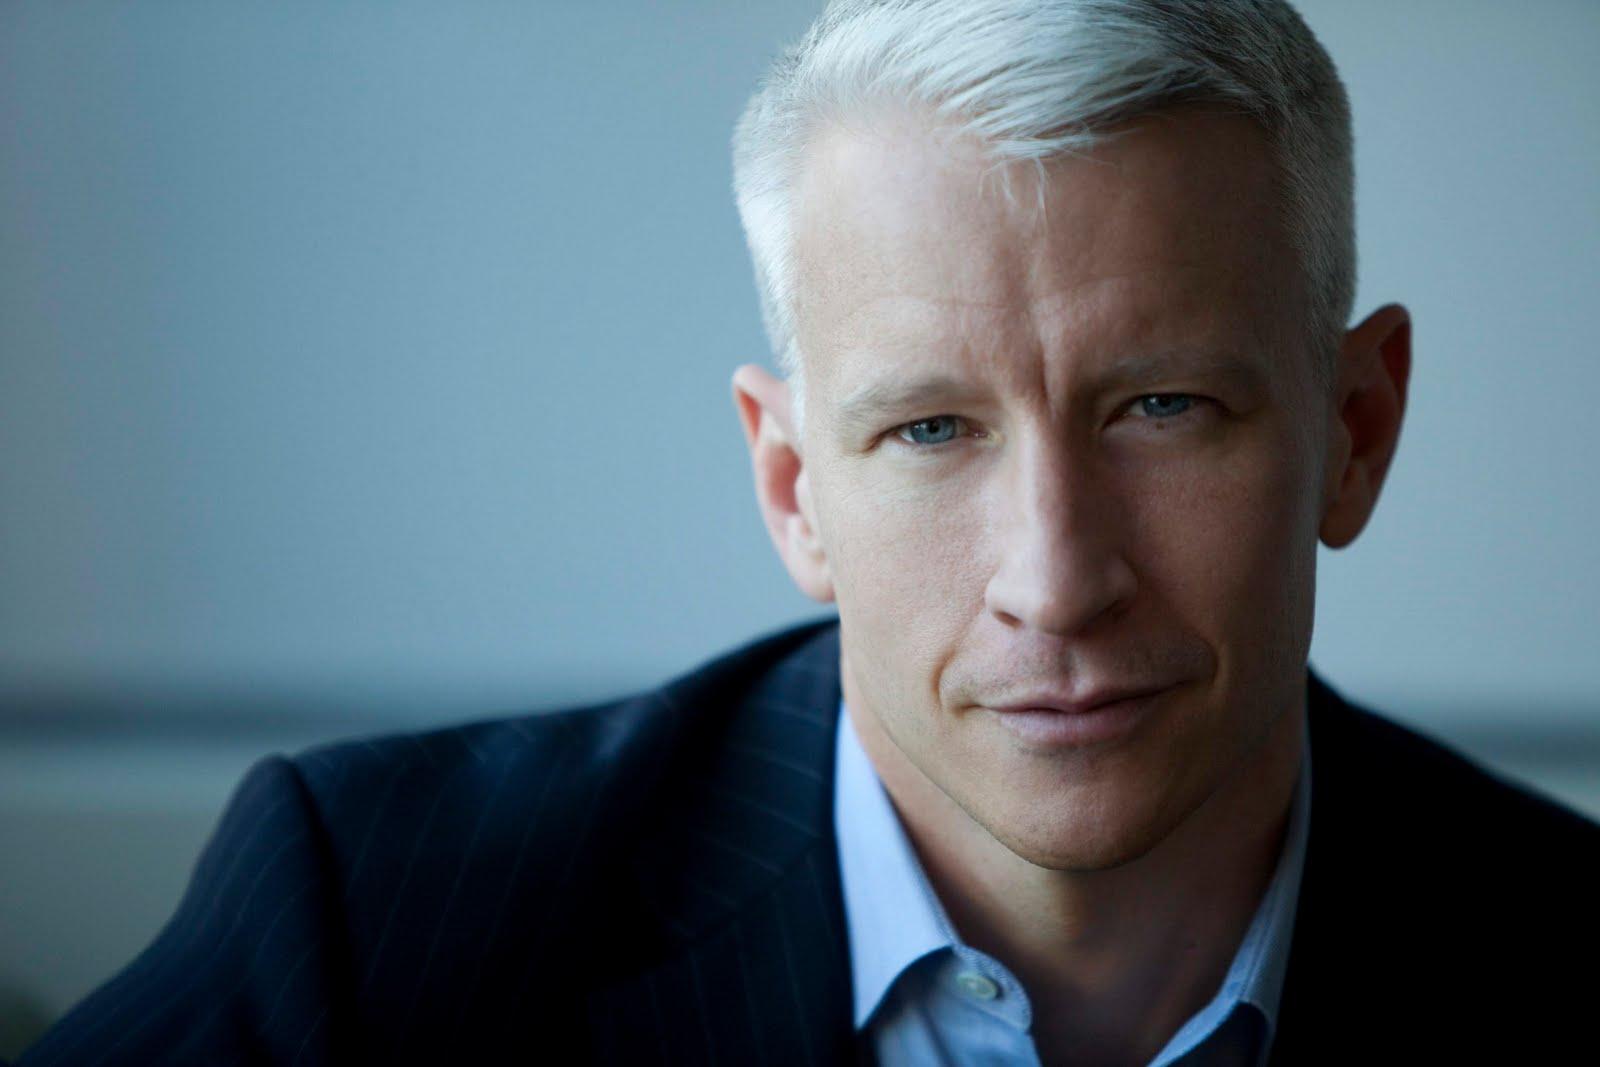 Anderson Cooper - Journalist, TV Host